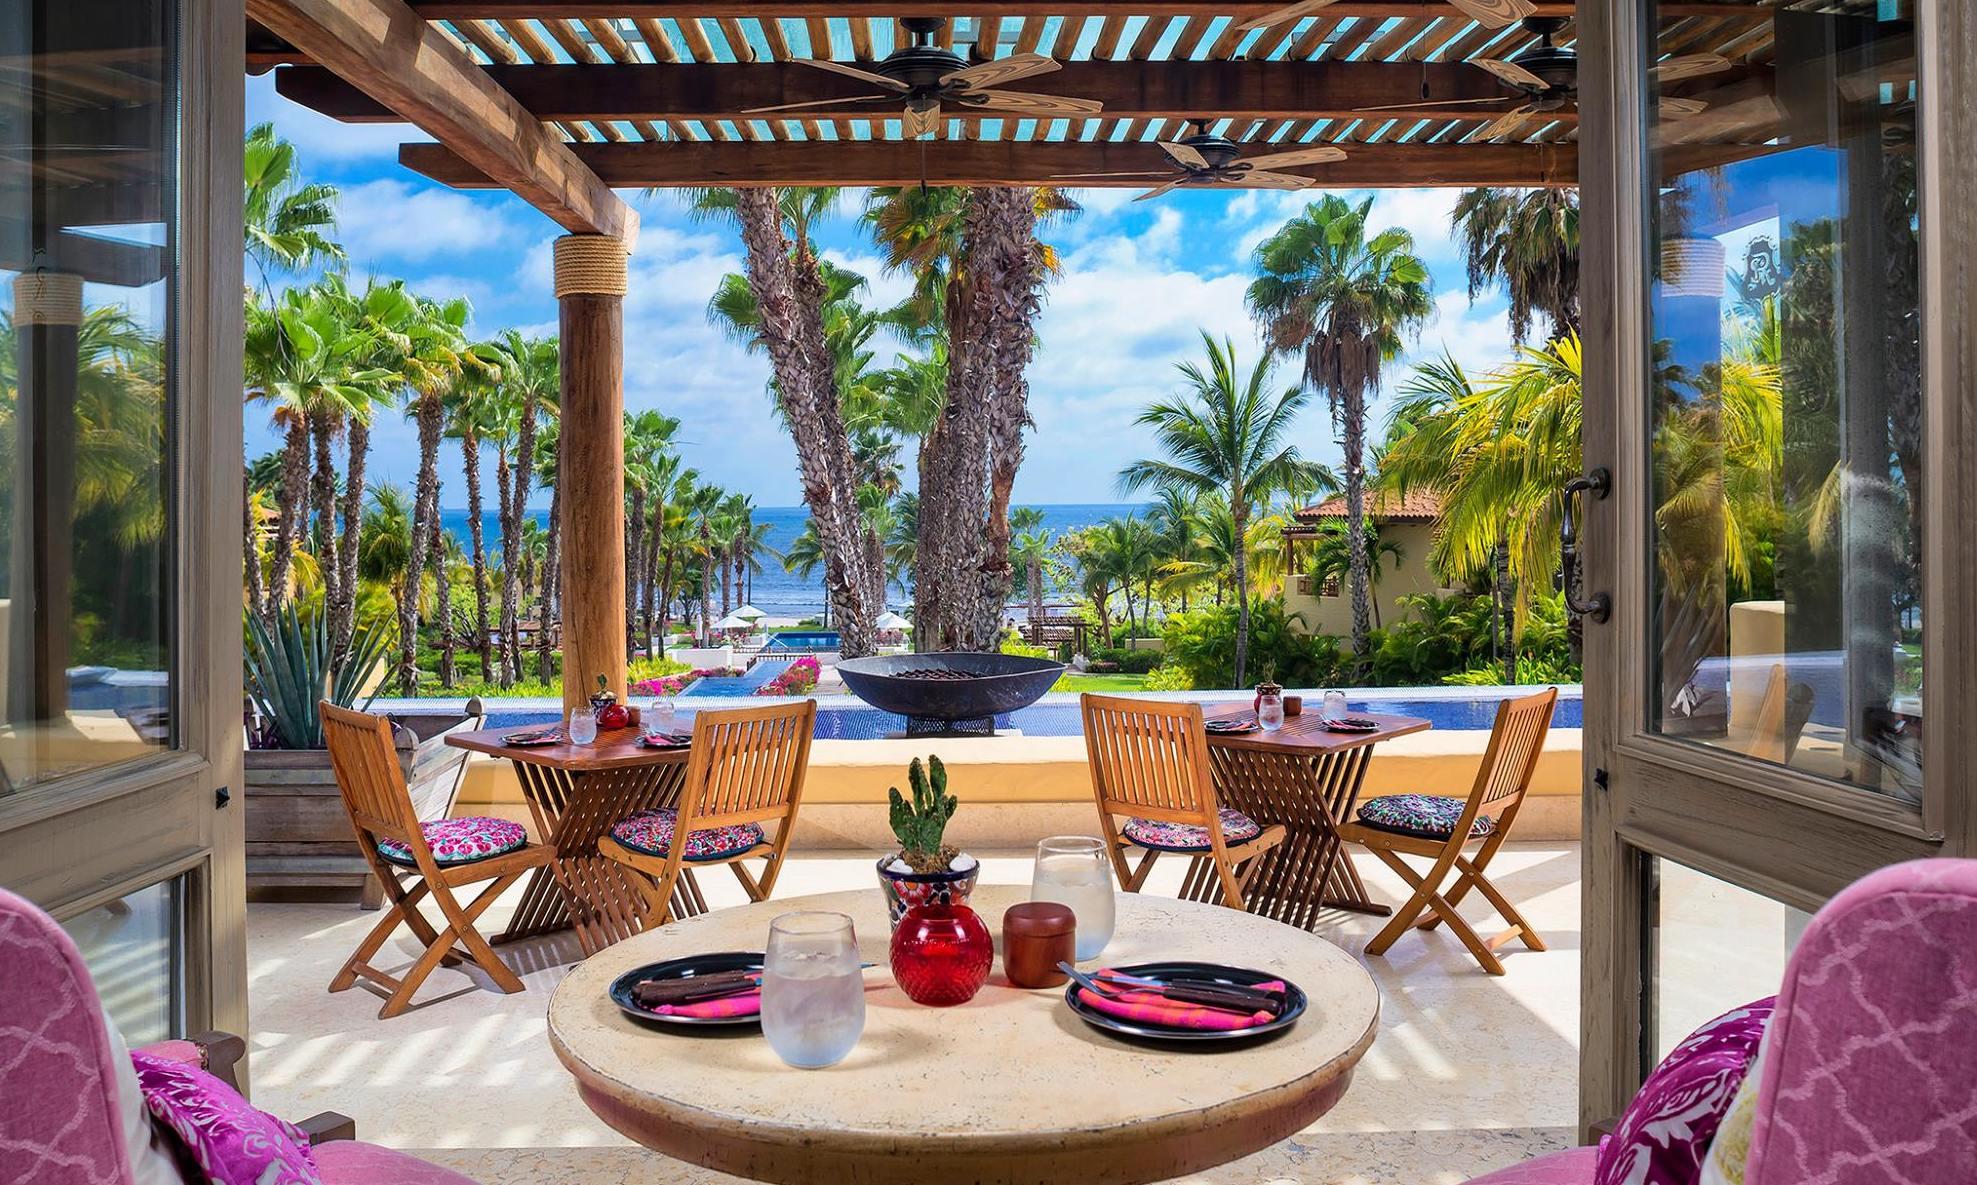 ¿Vacaciones a la vista? Esto cuesta hospedarse en los hoteles más lujosos de México